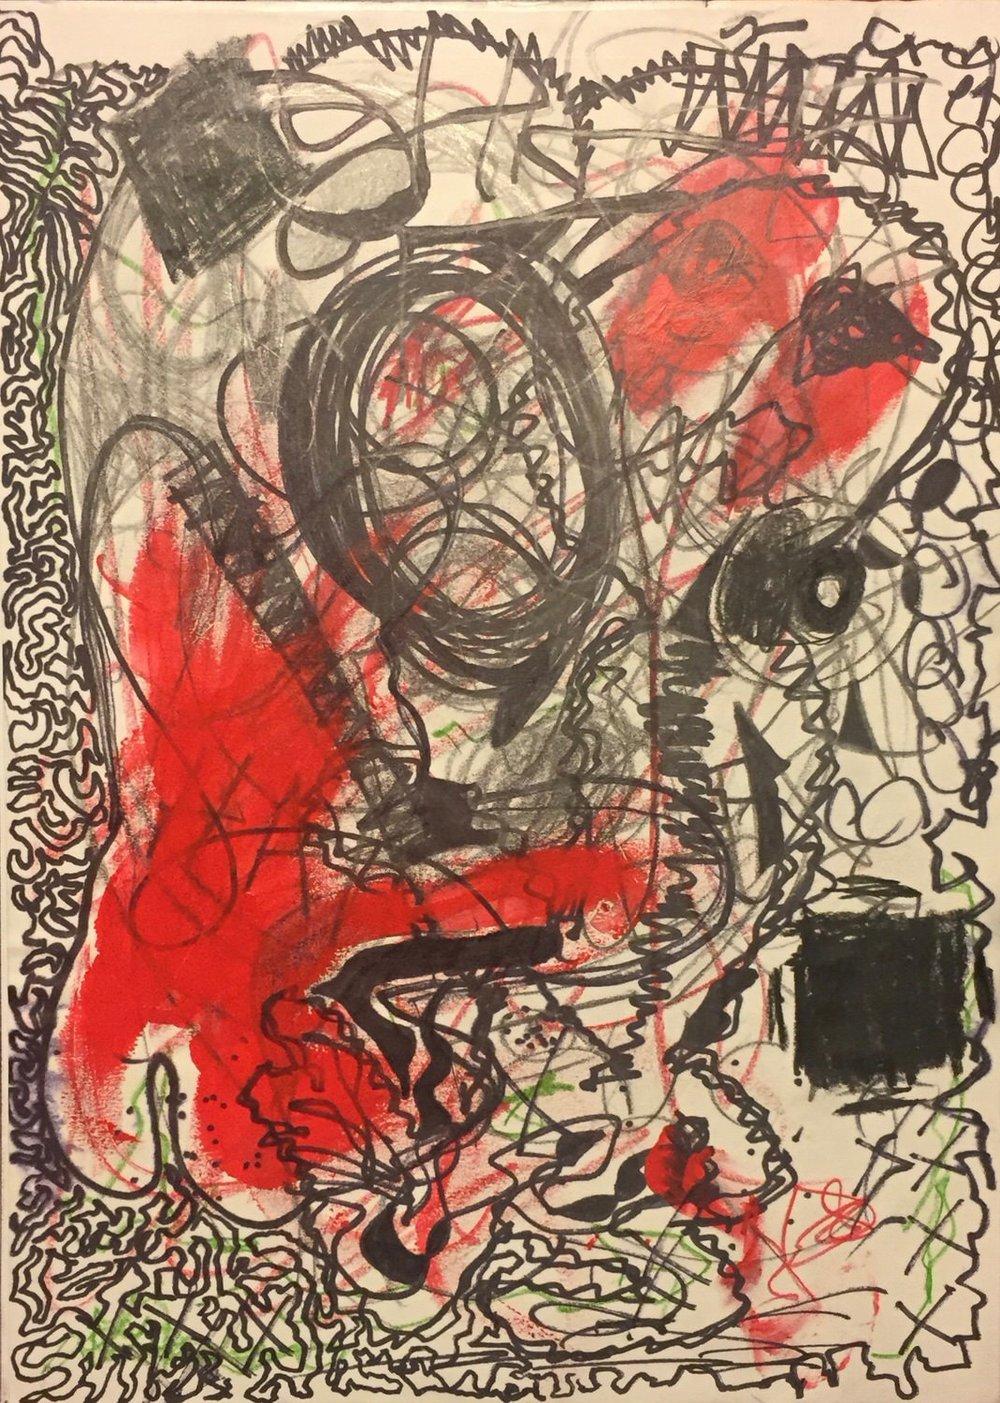 2015.02.?? - Broken Shapes (Enter a Dark Mind).jpg